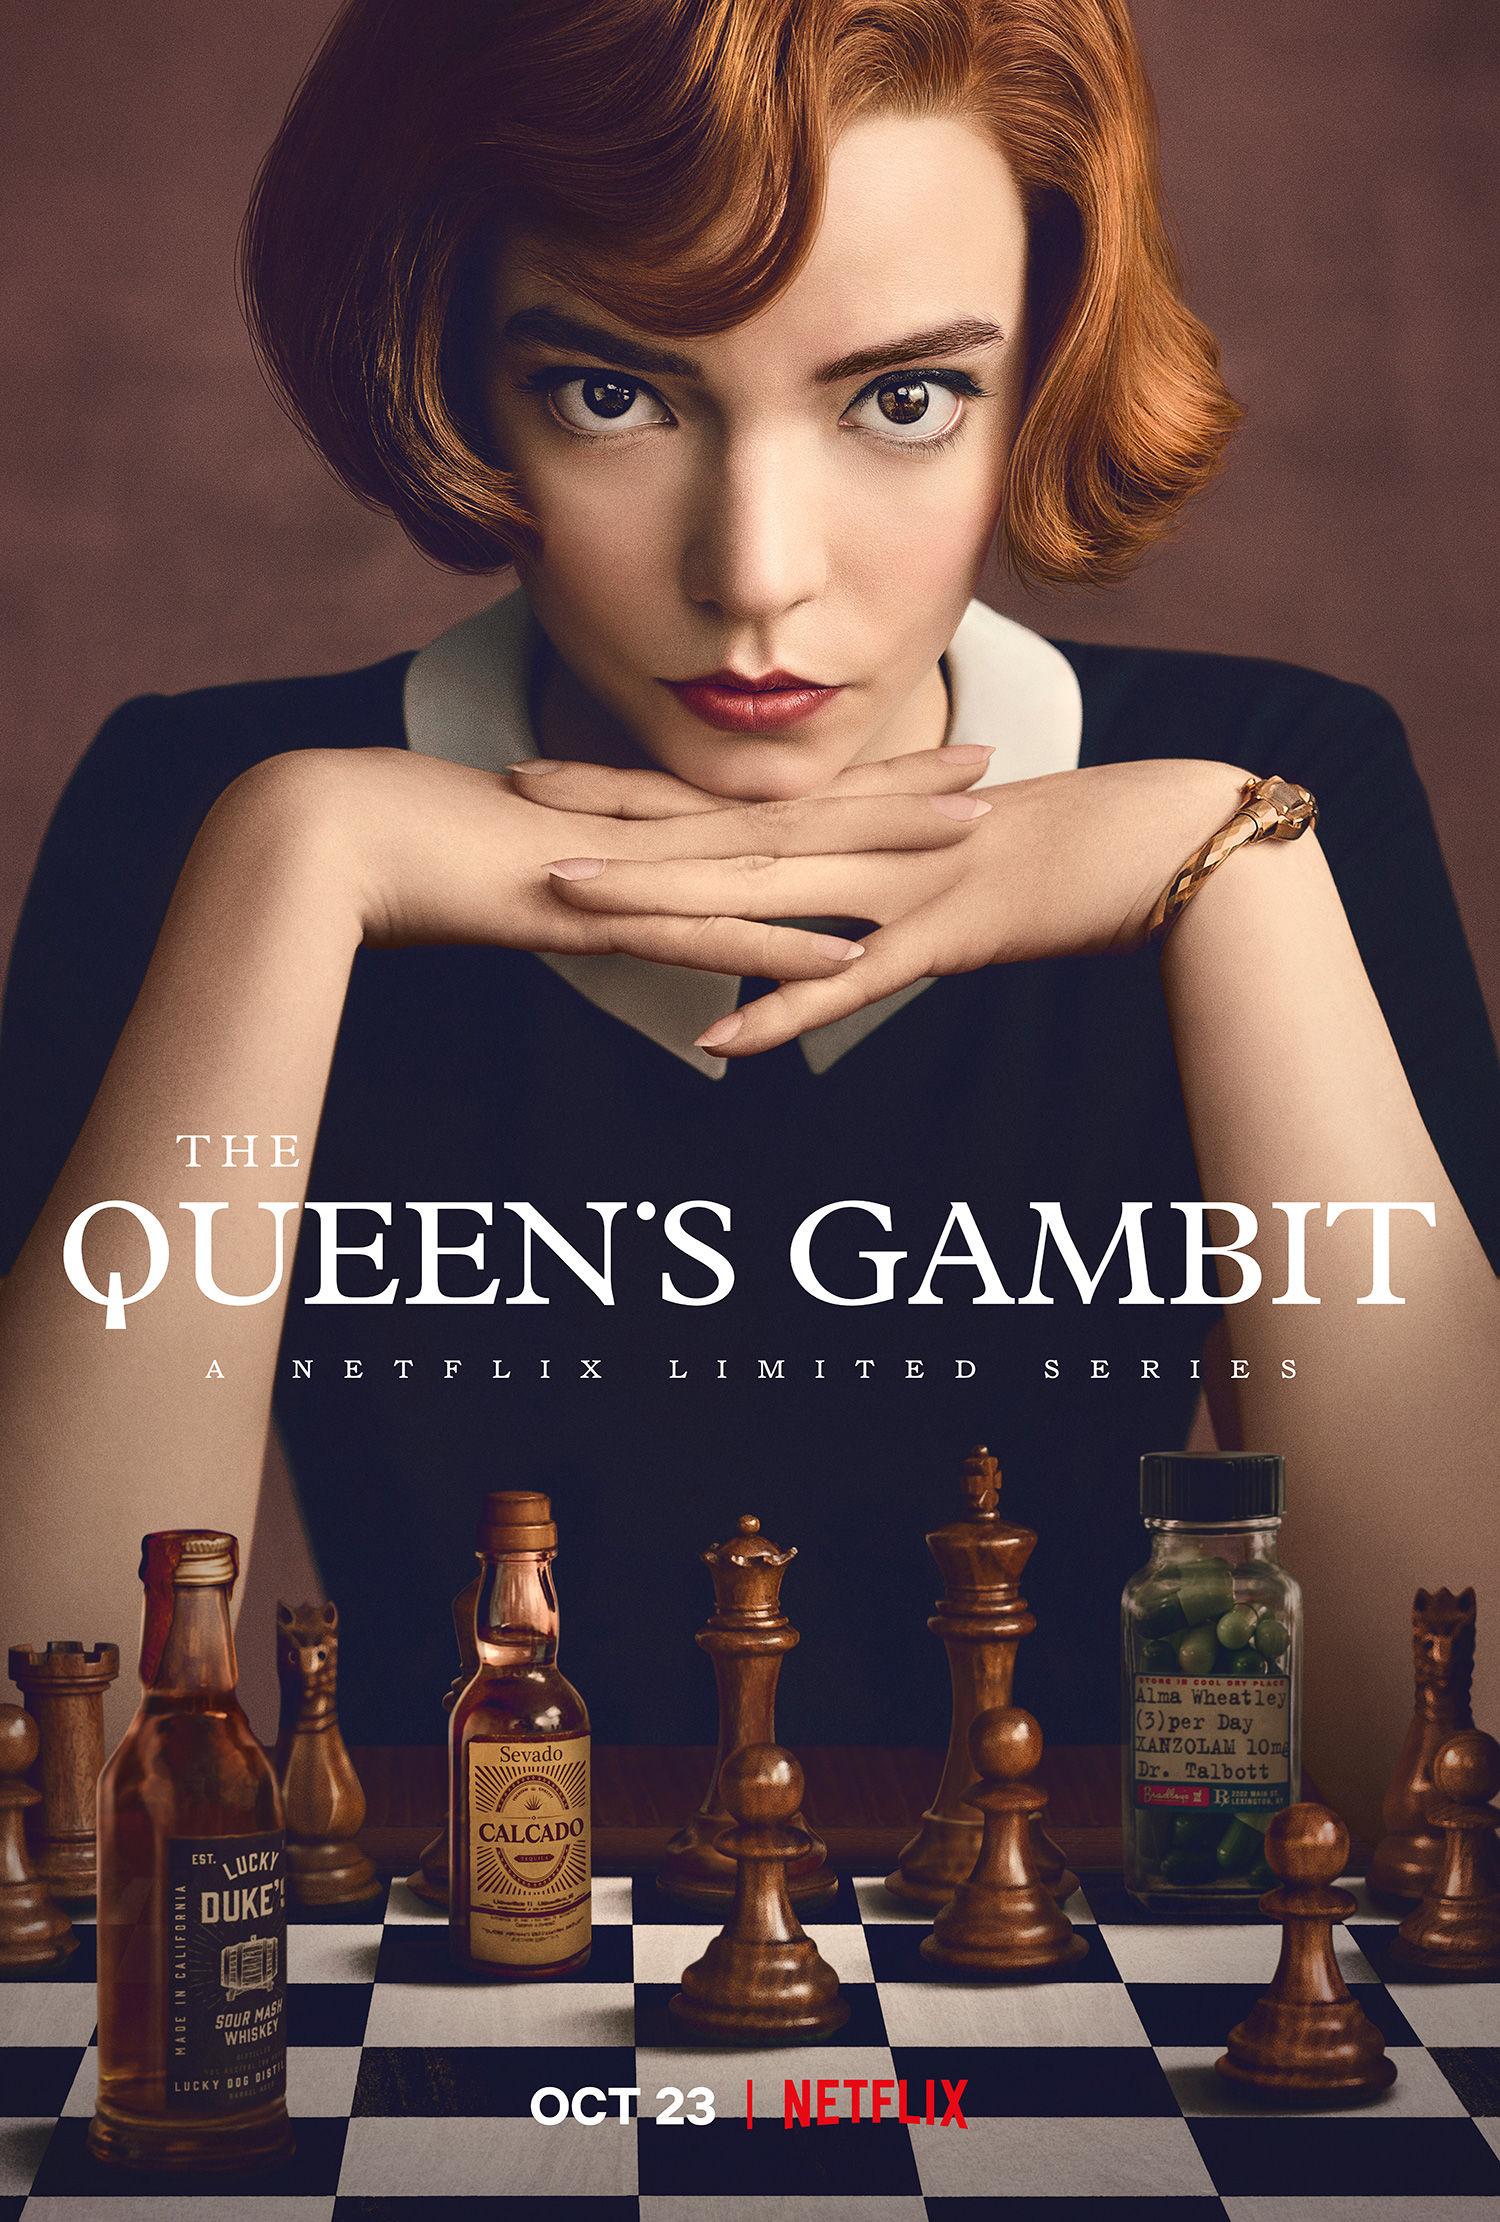 The Queen's Gambit ne zaman